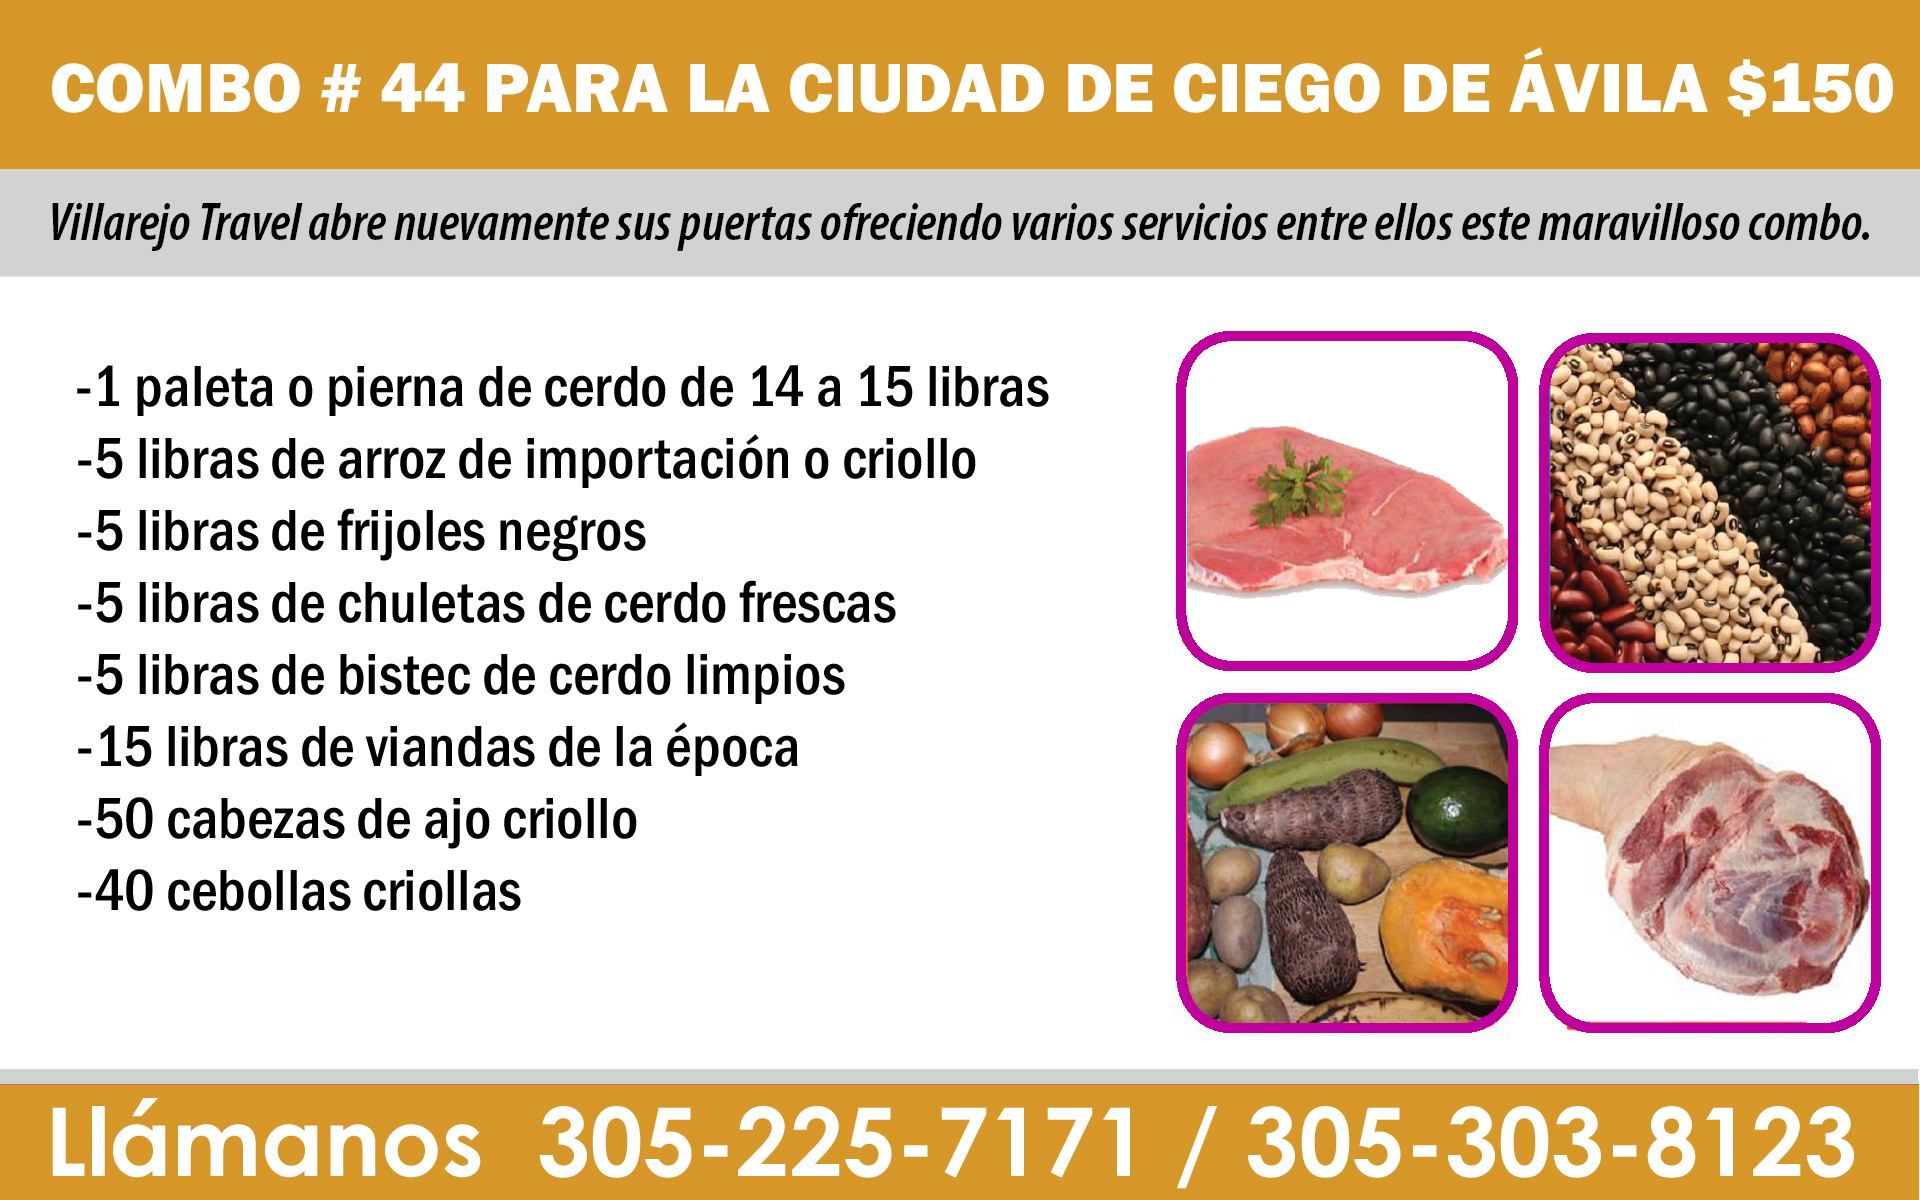 COMBO # 44 PARA LA CIUDAD DE CIEGO DE ÁVILA $150